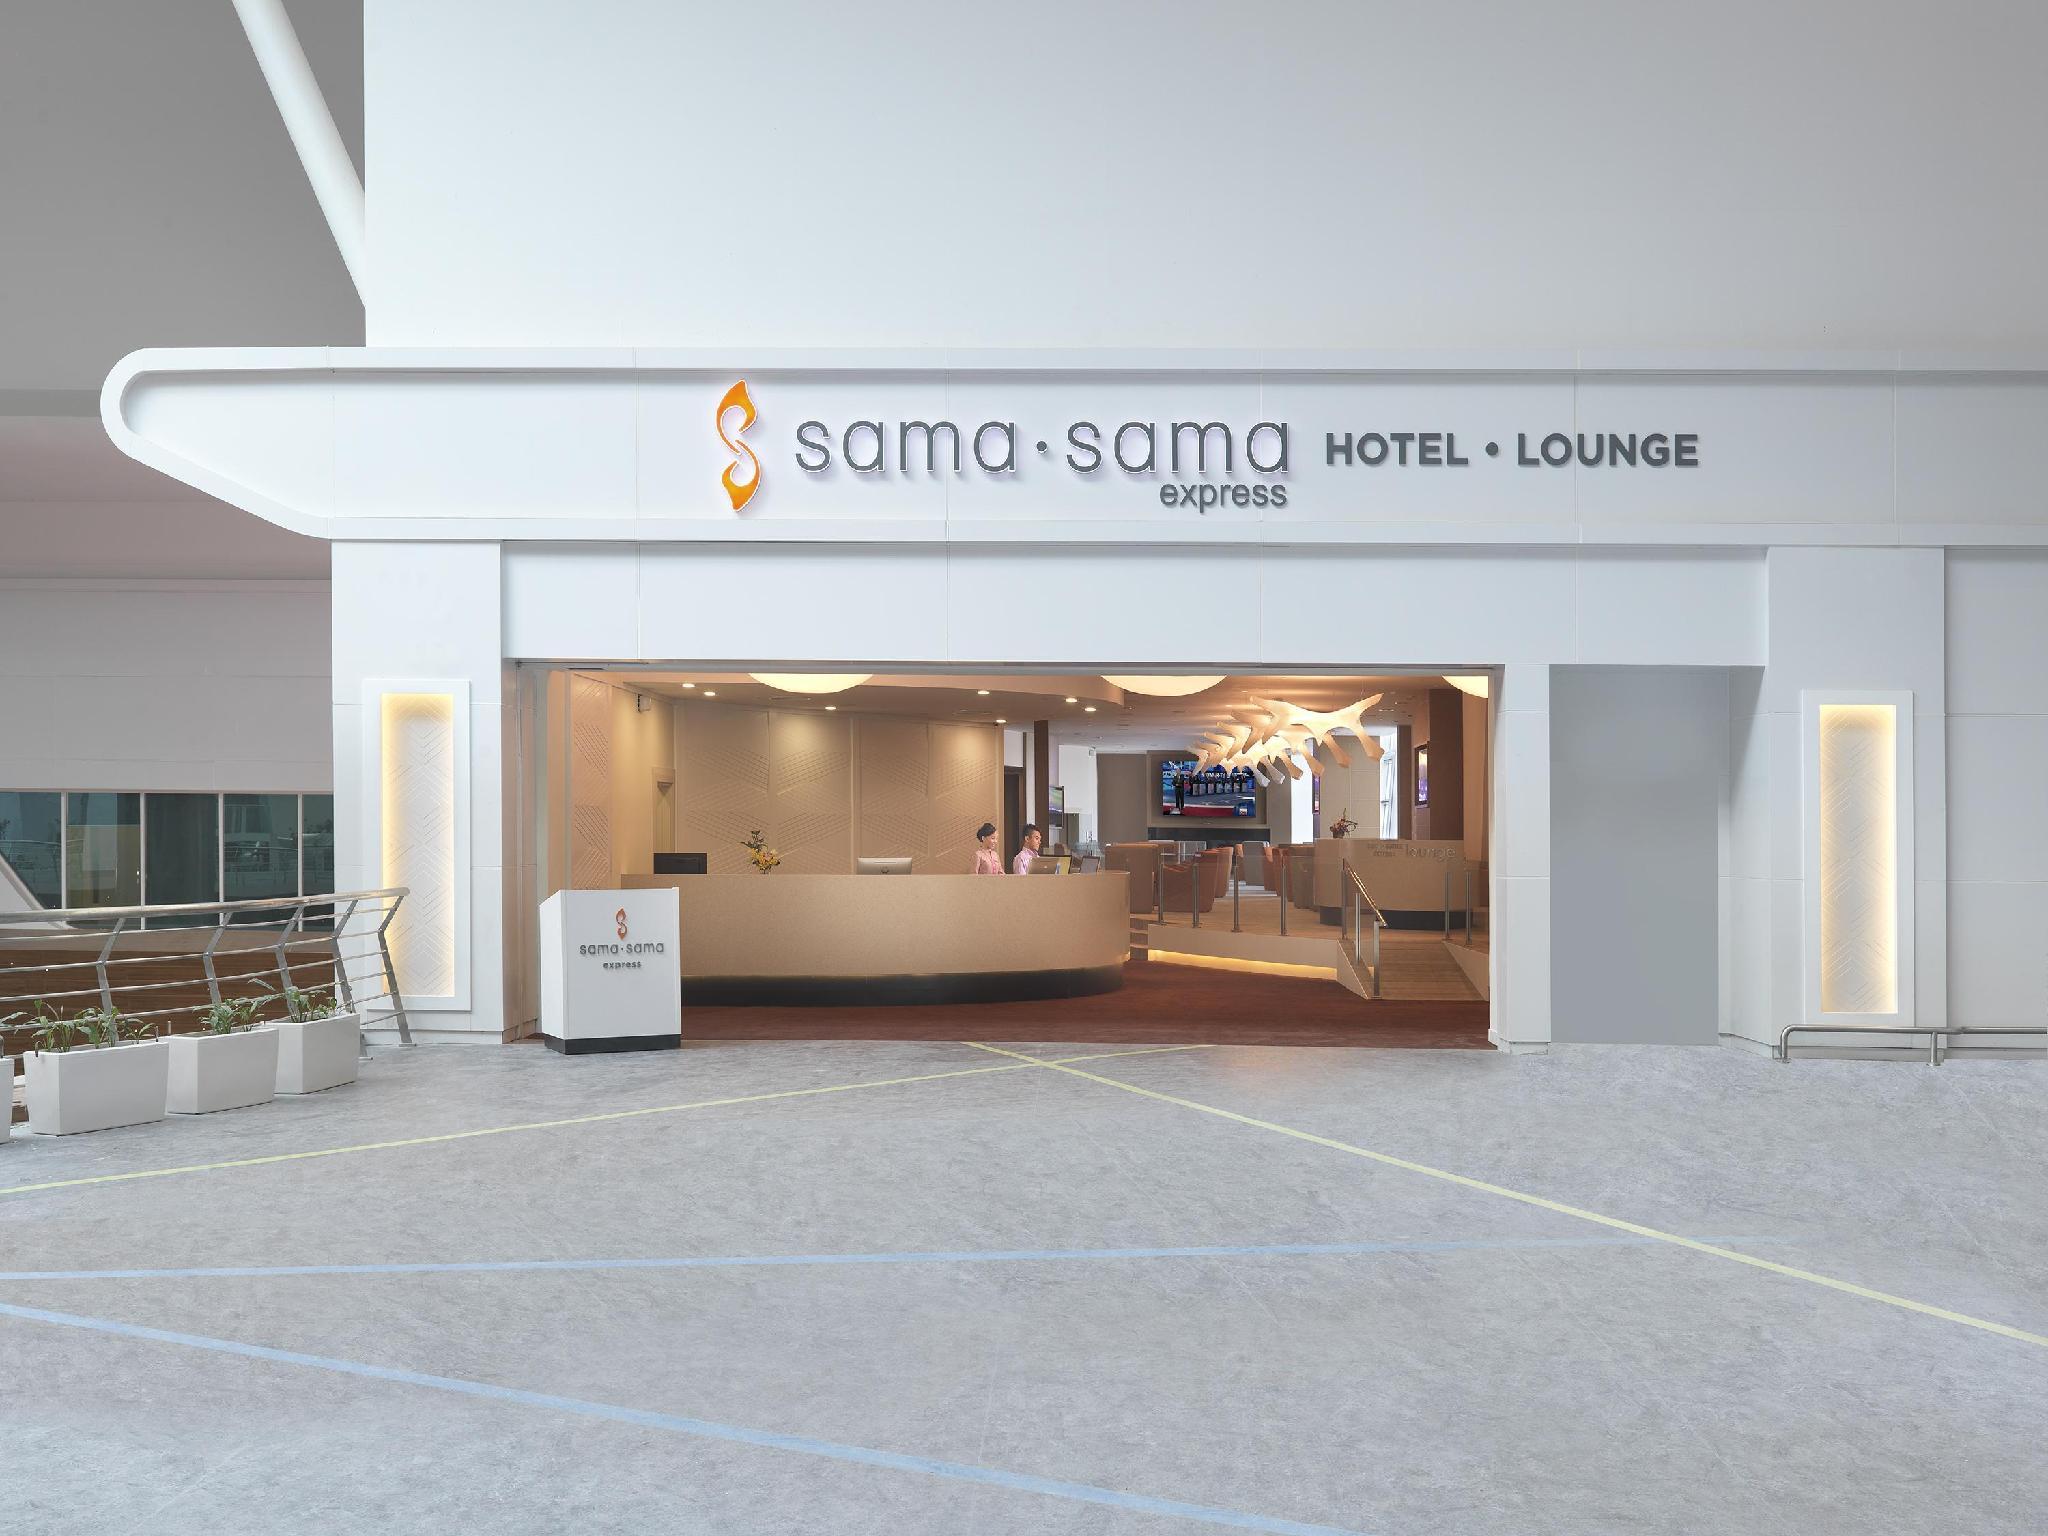 Sama Sama Express klia25 (Airside Transit Hotel) in Kuala Lumpur